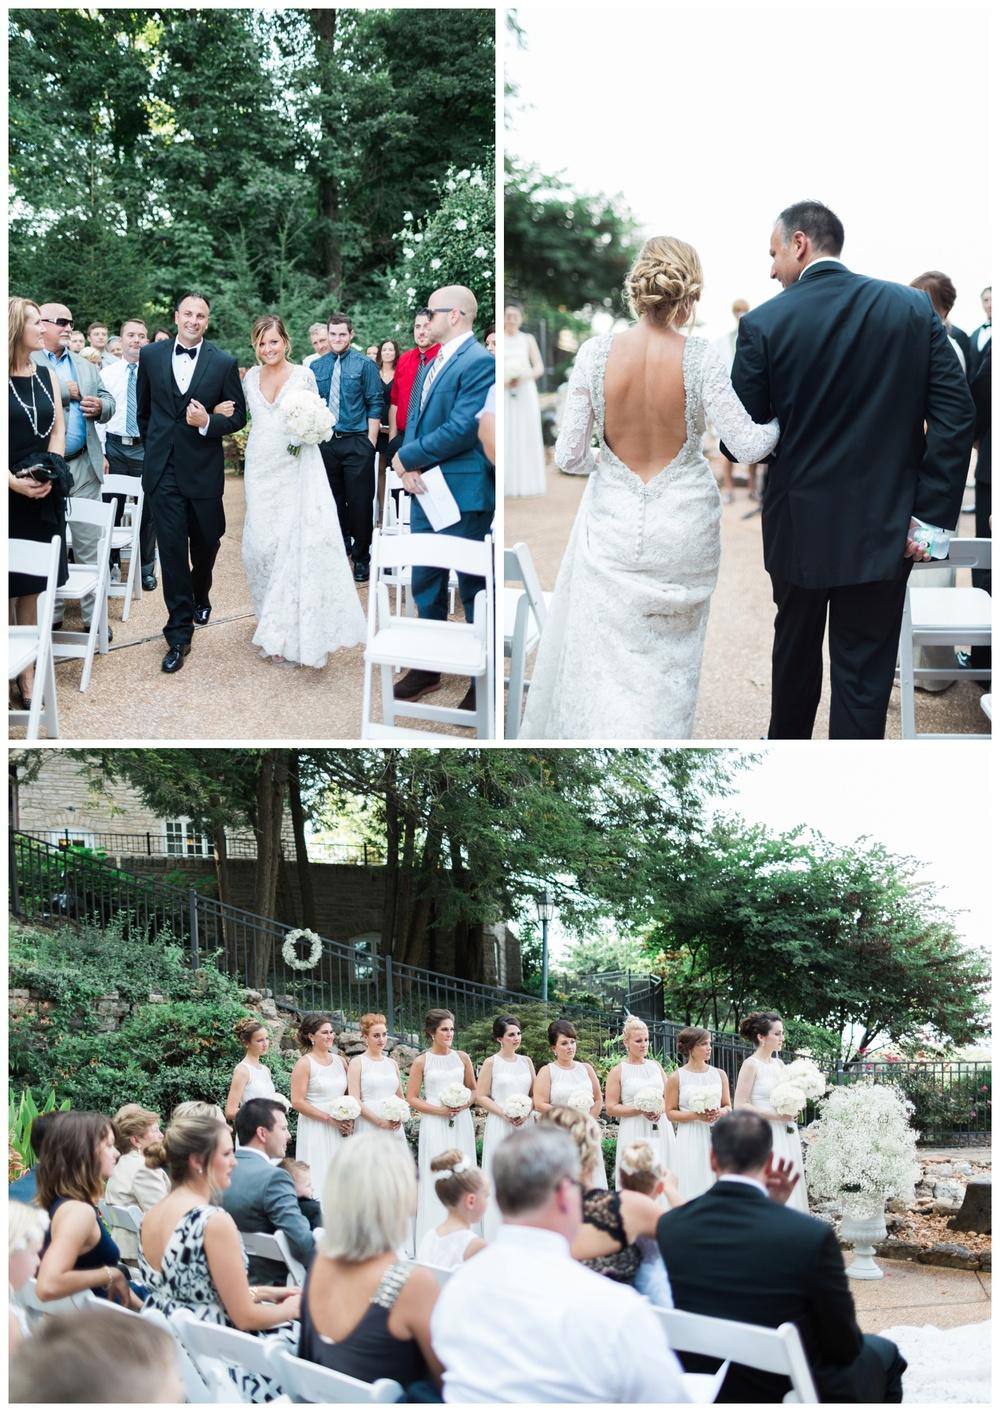 wedding photography st louis_lauren muckler photography_0016.jpg